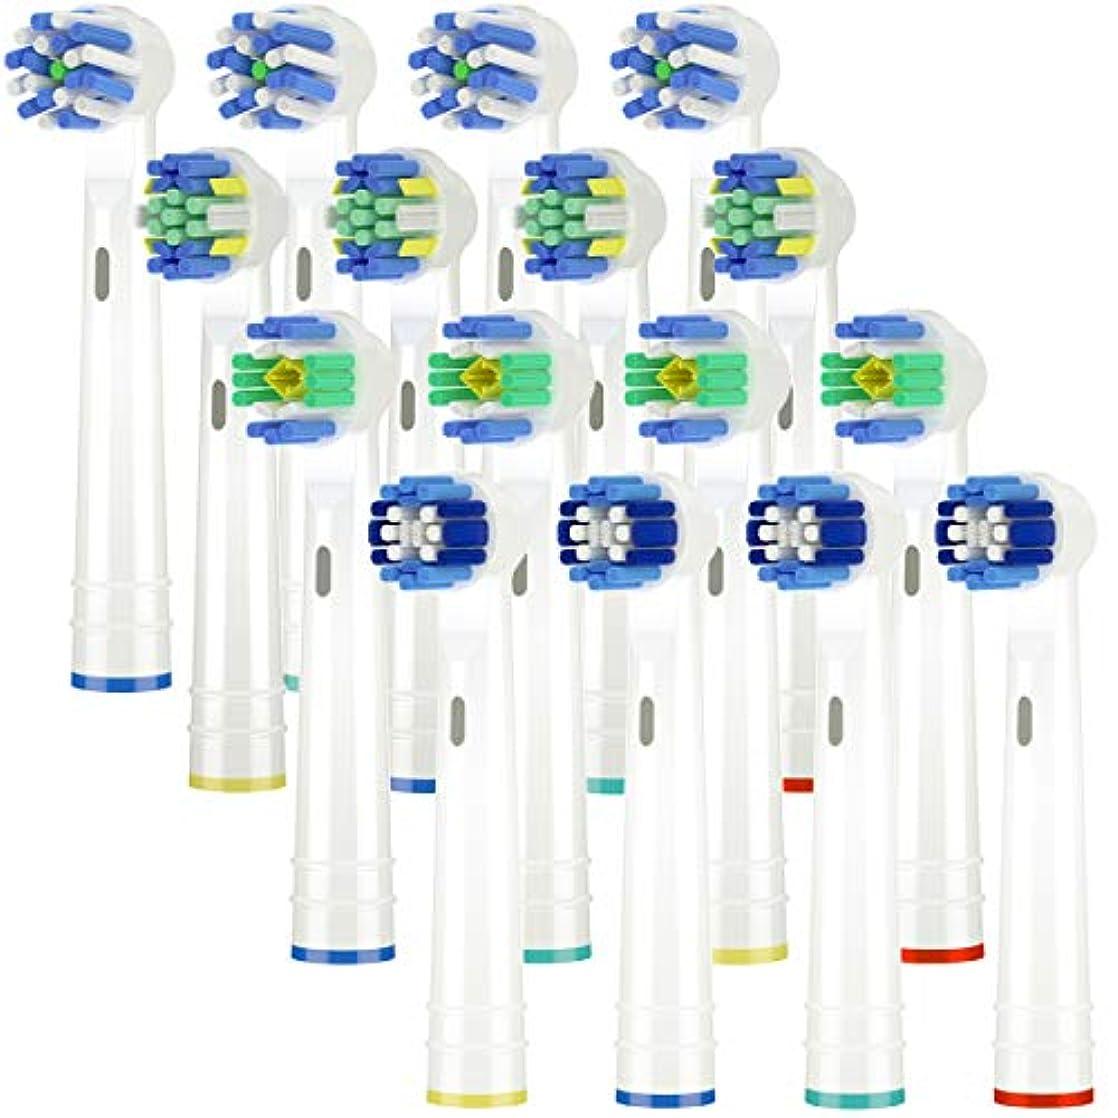 ブロー無初期Itechnik 電動歯ブラシ 替えブラシ ブラウン オーラルB 対応 替えブラシ 4種類が入り:ホワイトニングブラシ 、ベーシックブラシ、歯間ワイパー付きブラシ、マルチアクションブラシ 凡用な16本